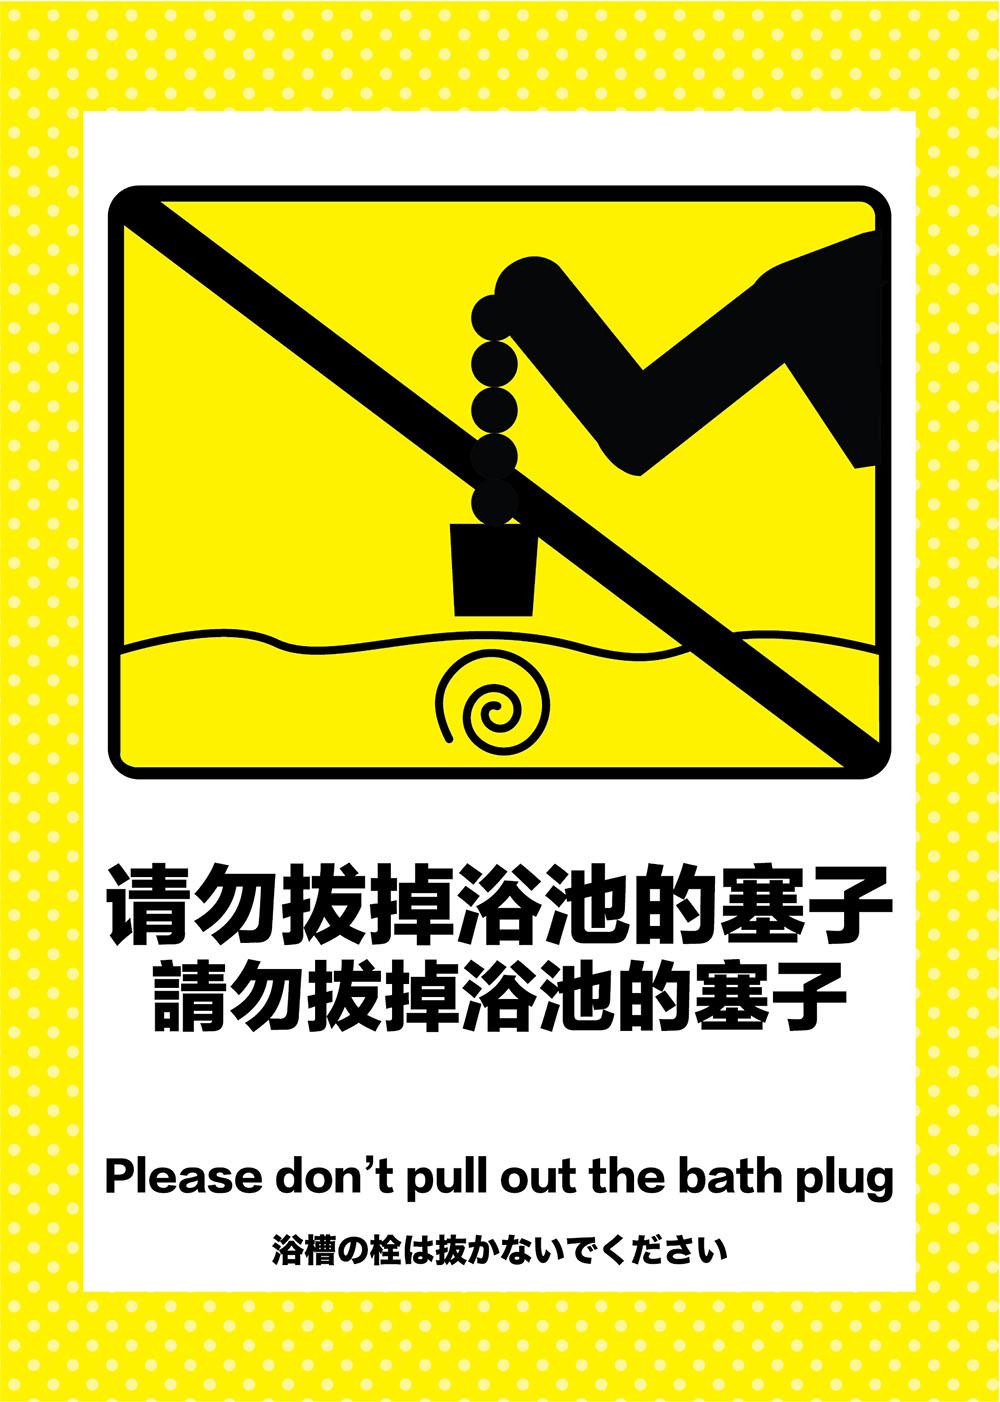 浴槽のフタは抜かないでください